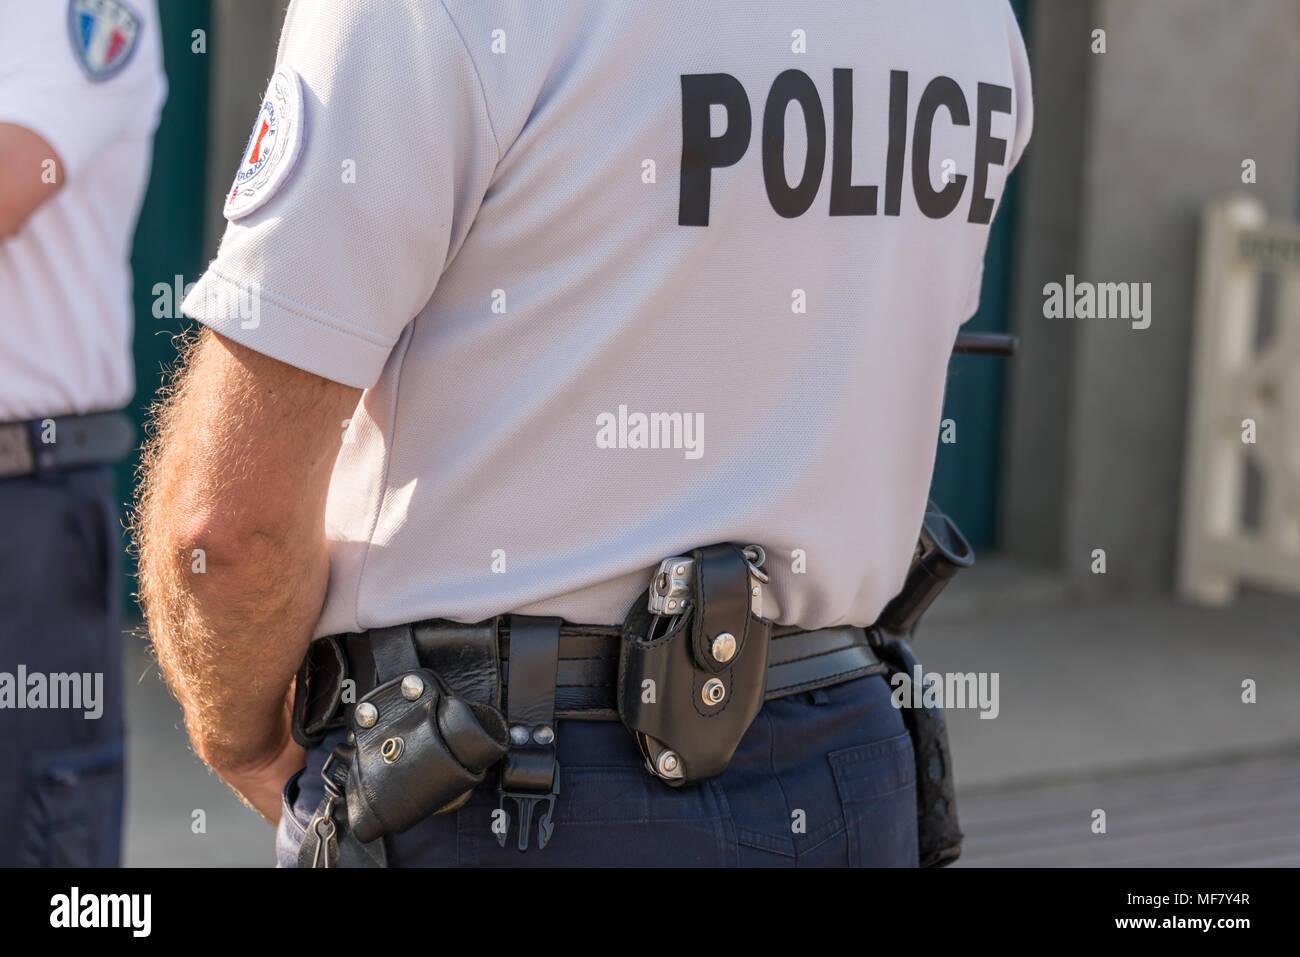 La policía francesa de cerca, la seguridad y el concepto de estado de emergencia Imagen De Stock